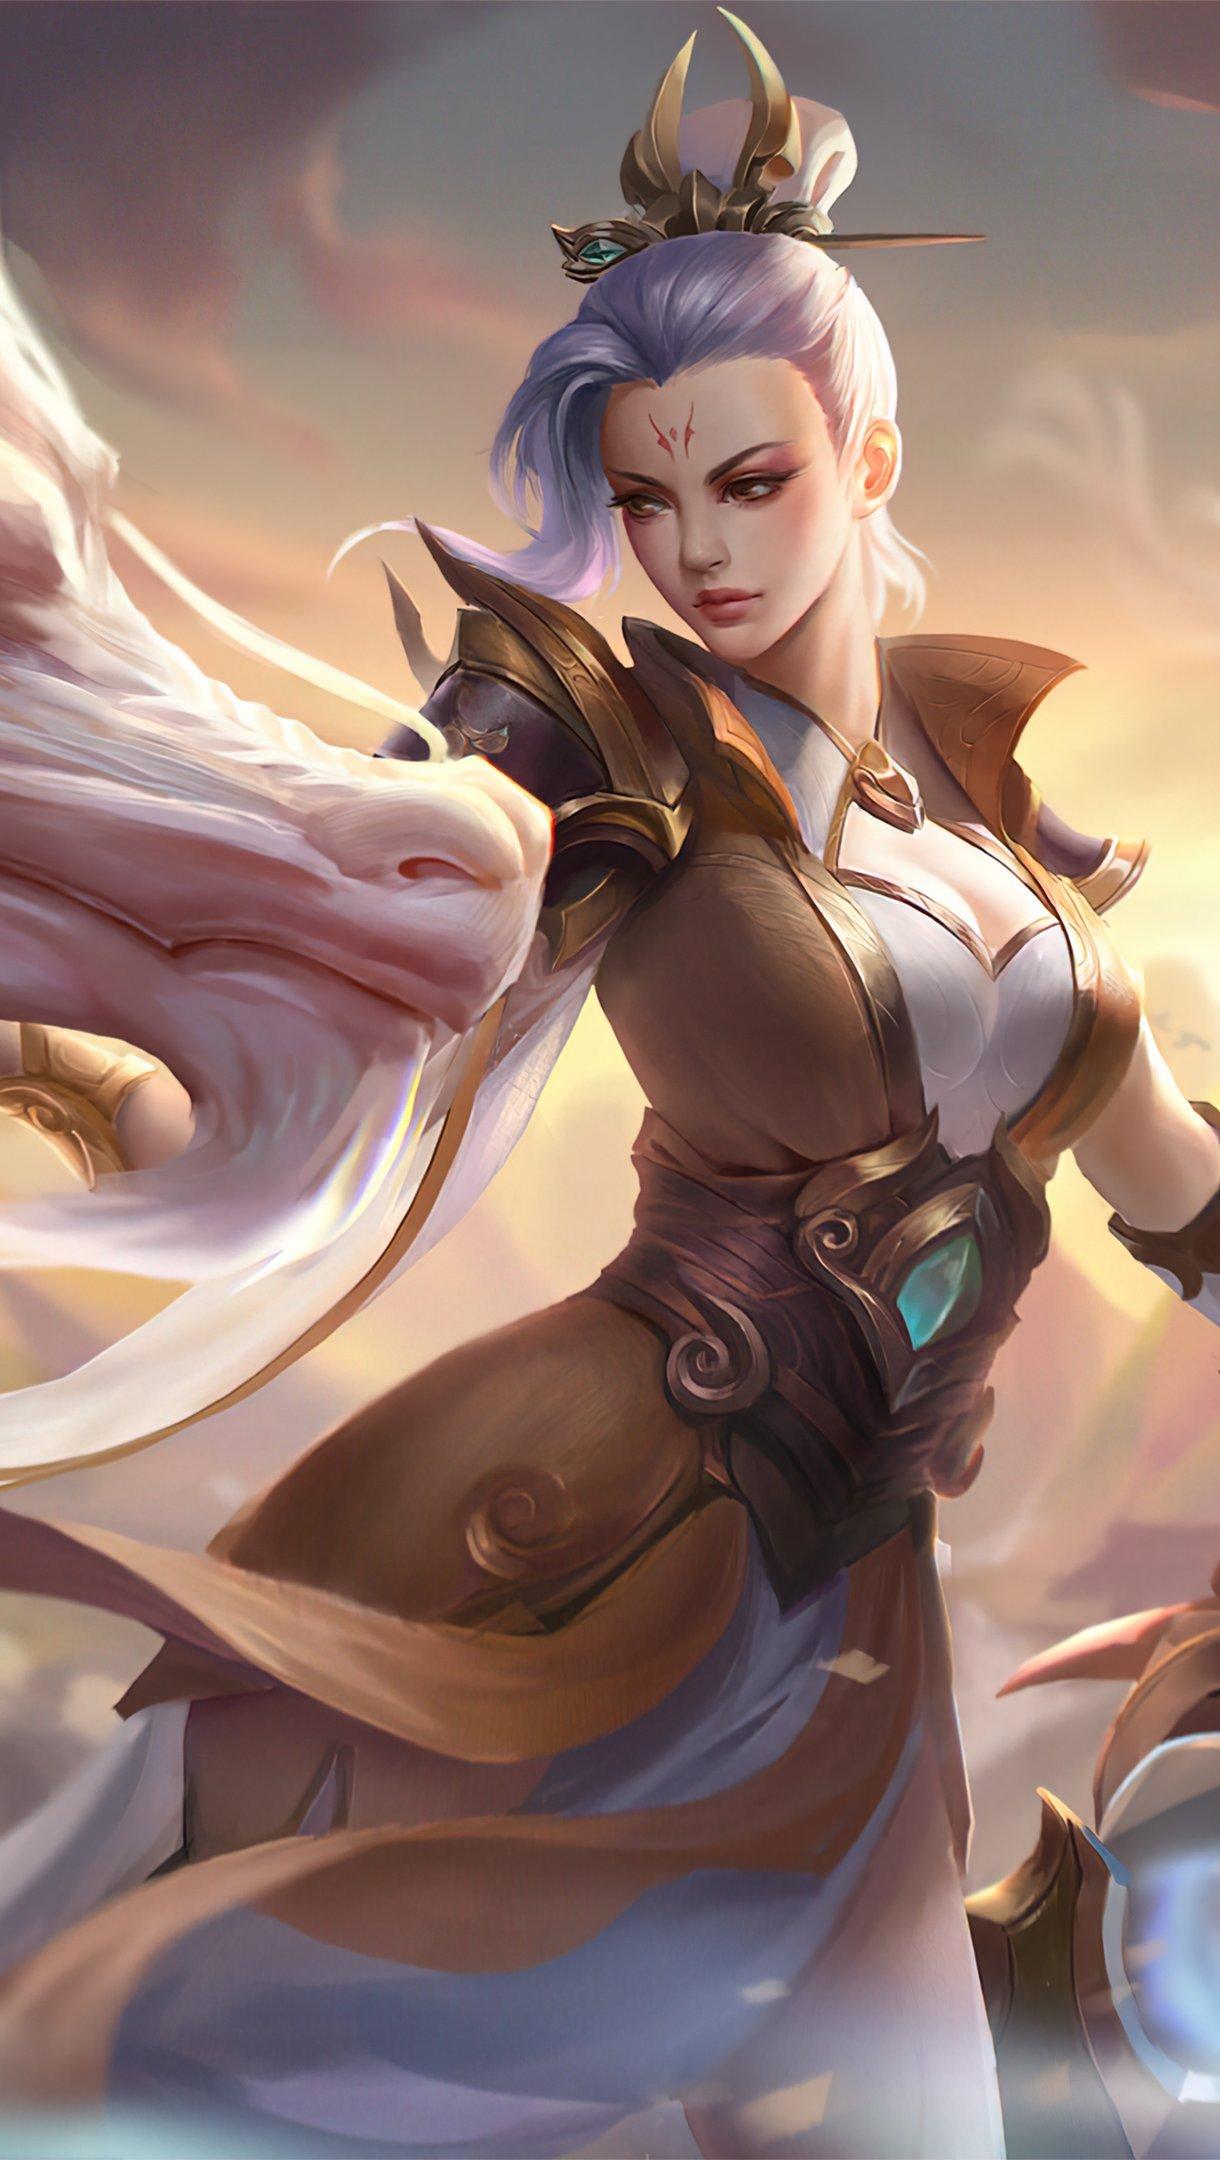 Fondos de pantalla Riven Valiant Sword Prestige League of Legends Arte Vertical